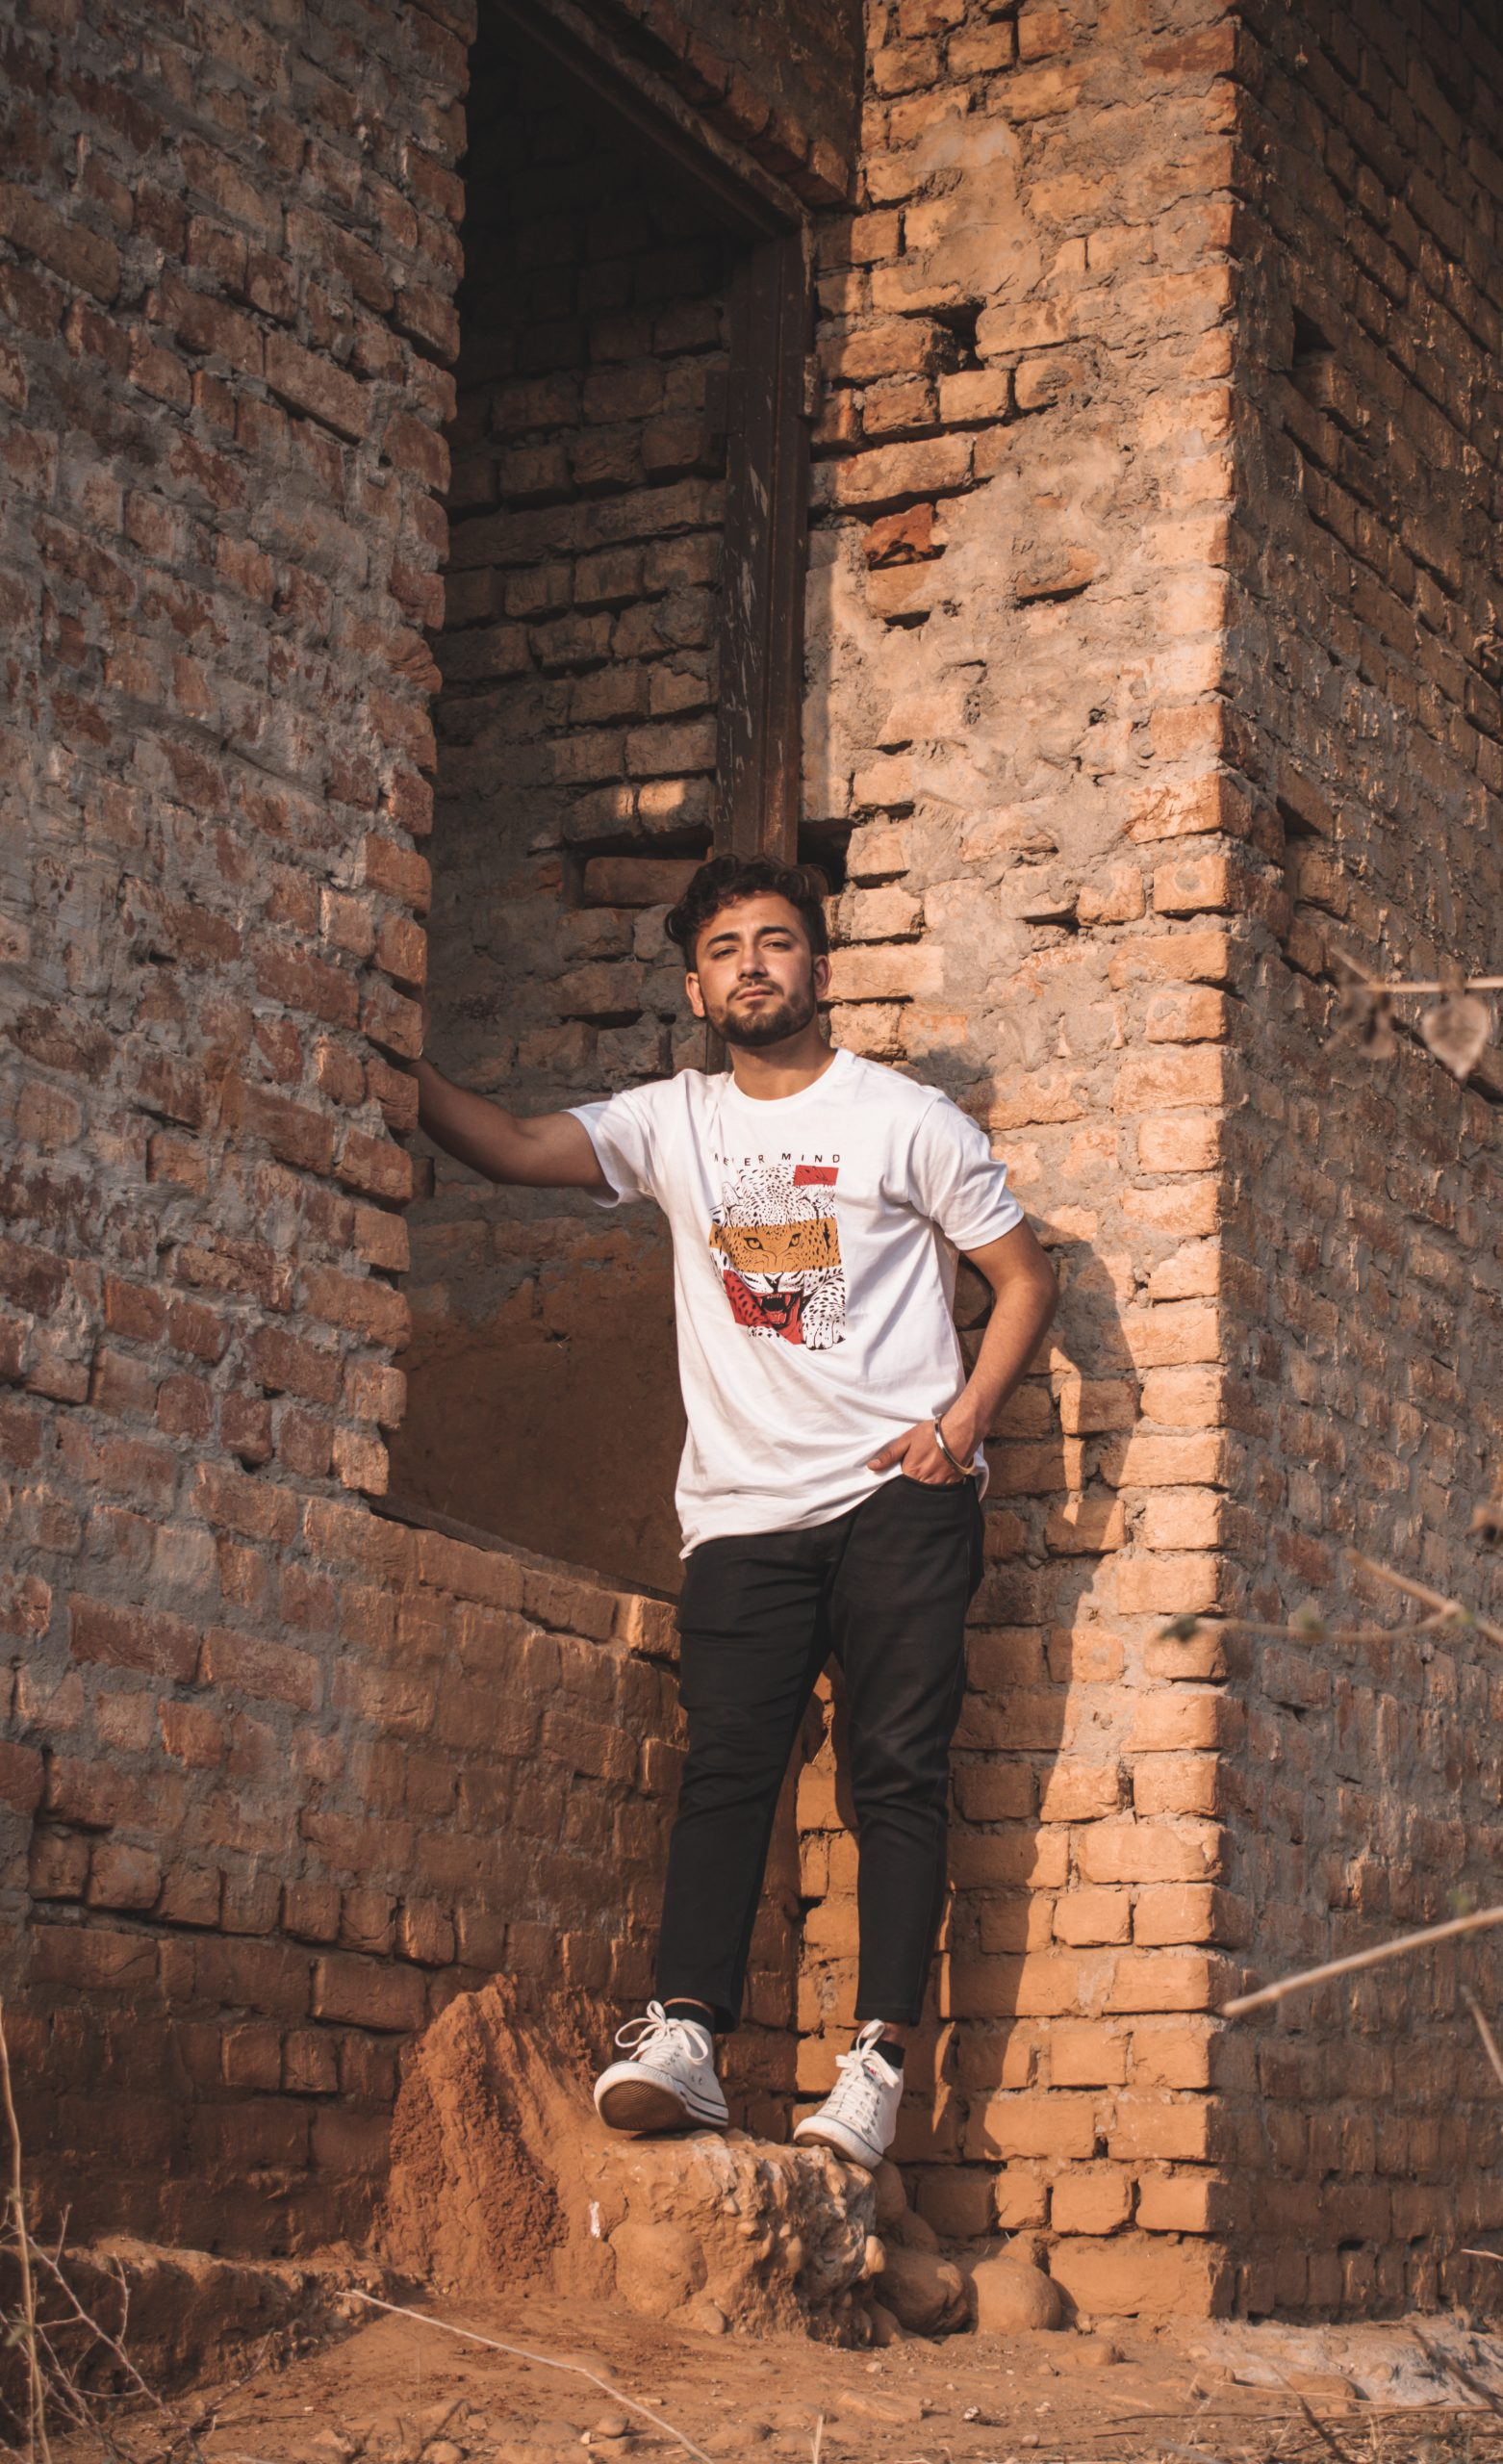 A boy near a brick wall